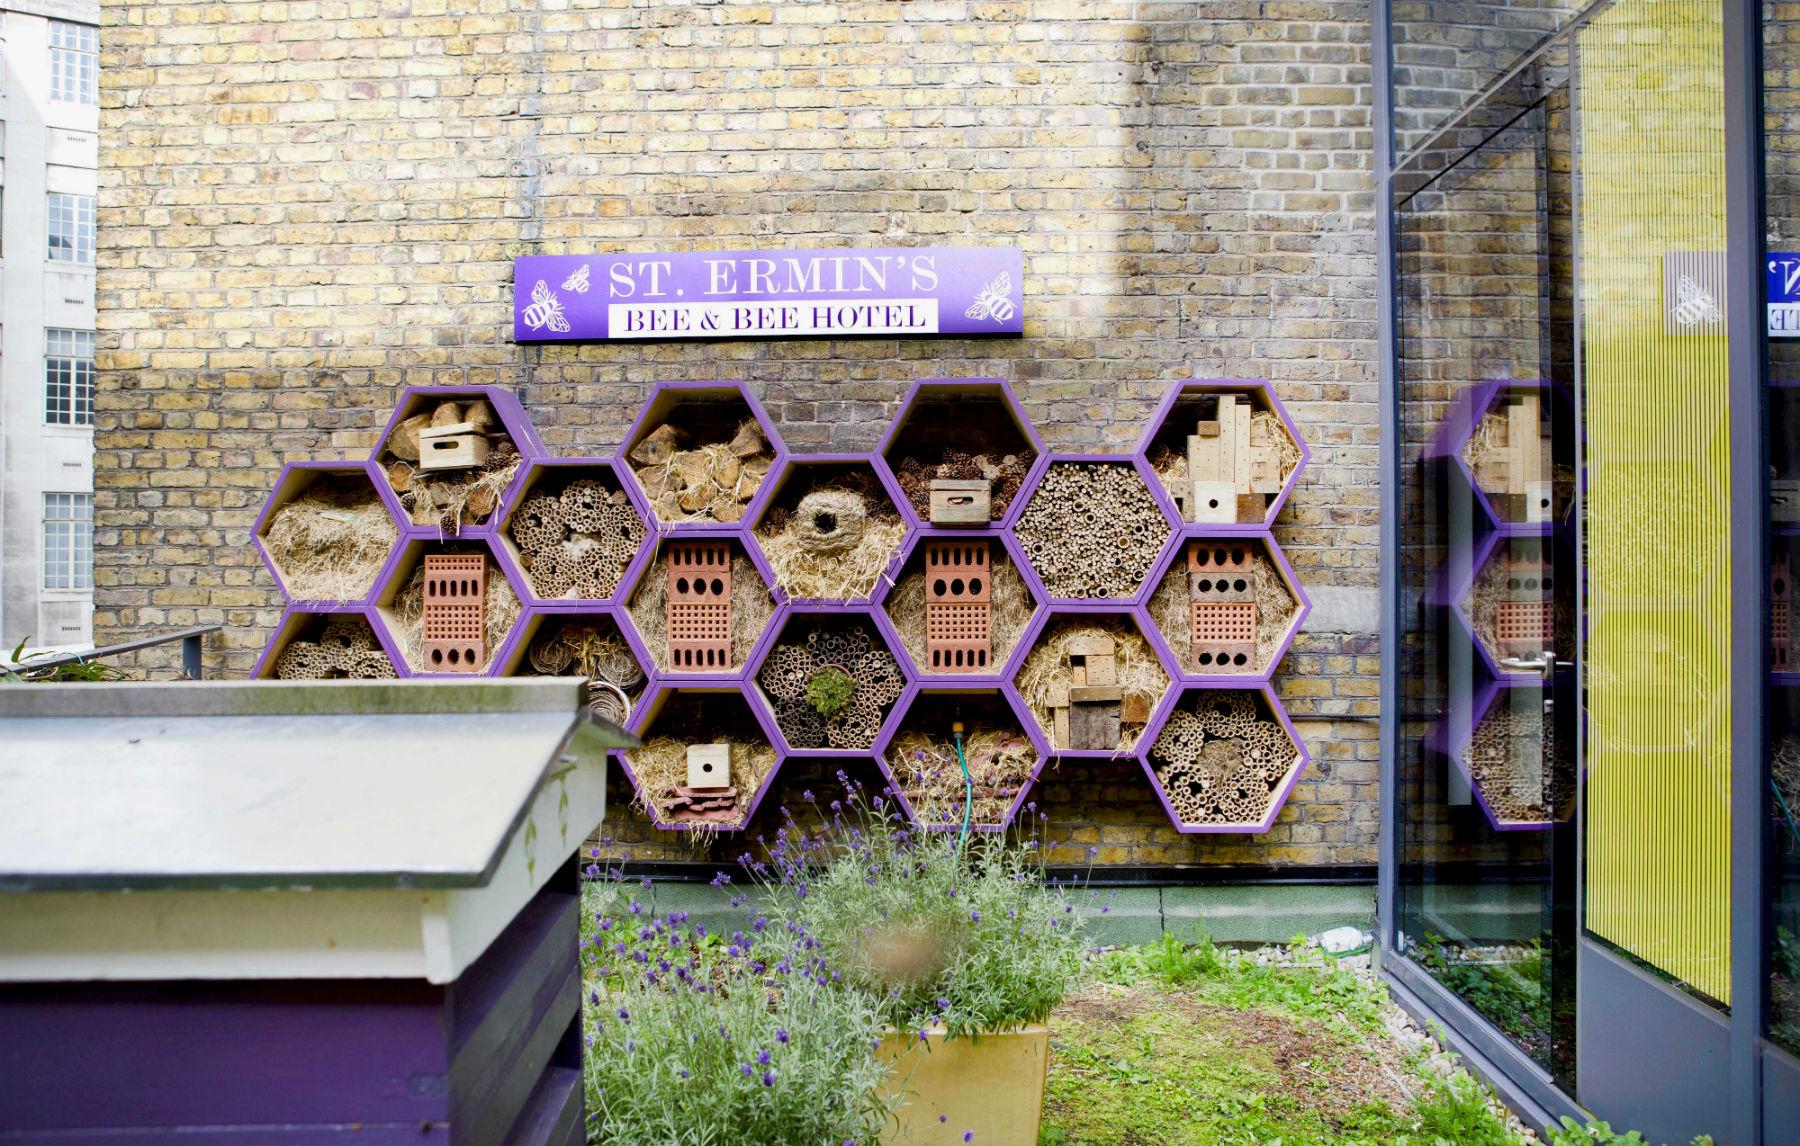 Bee and Bee hotel, um spa para abelhas no luxuoso St Ermins, em Londres